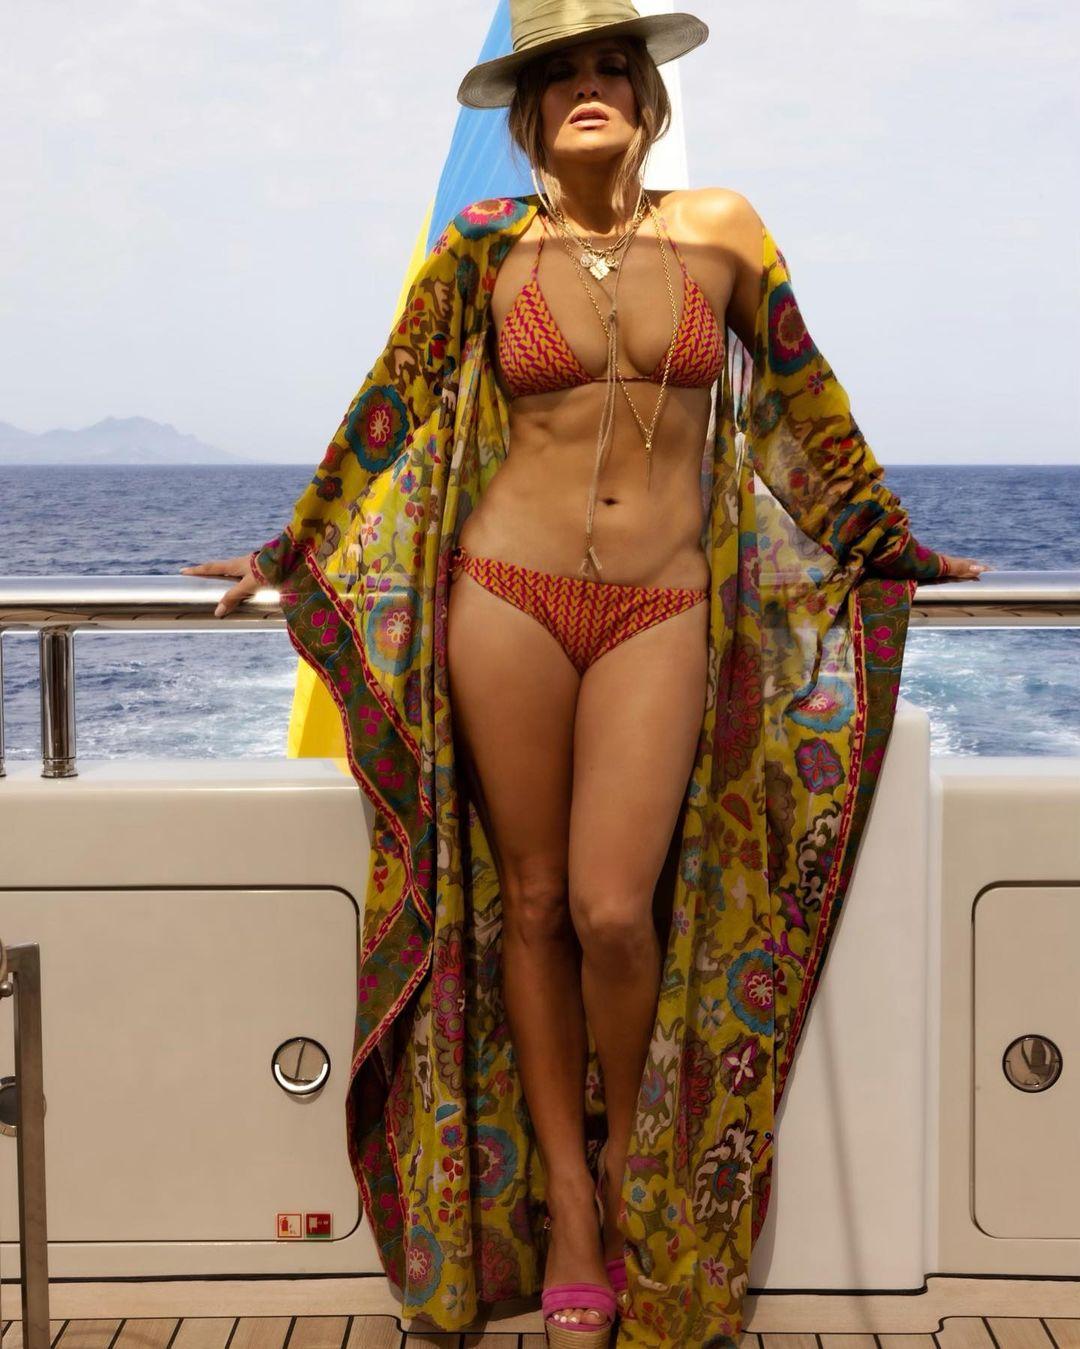 Джакузи, кинотеатр и спортзал: Дженнифер Лопес и Бен Аффлек отдыхают на роскошной яхте